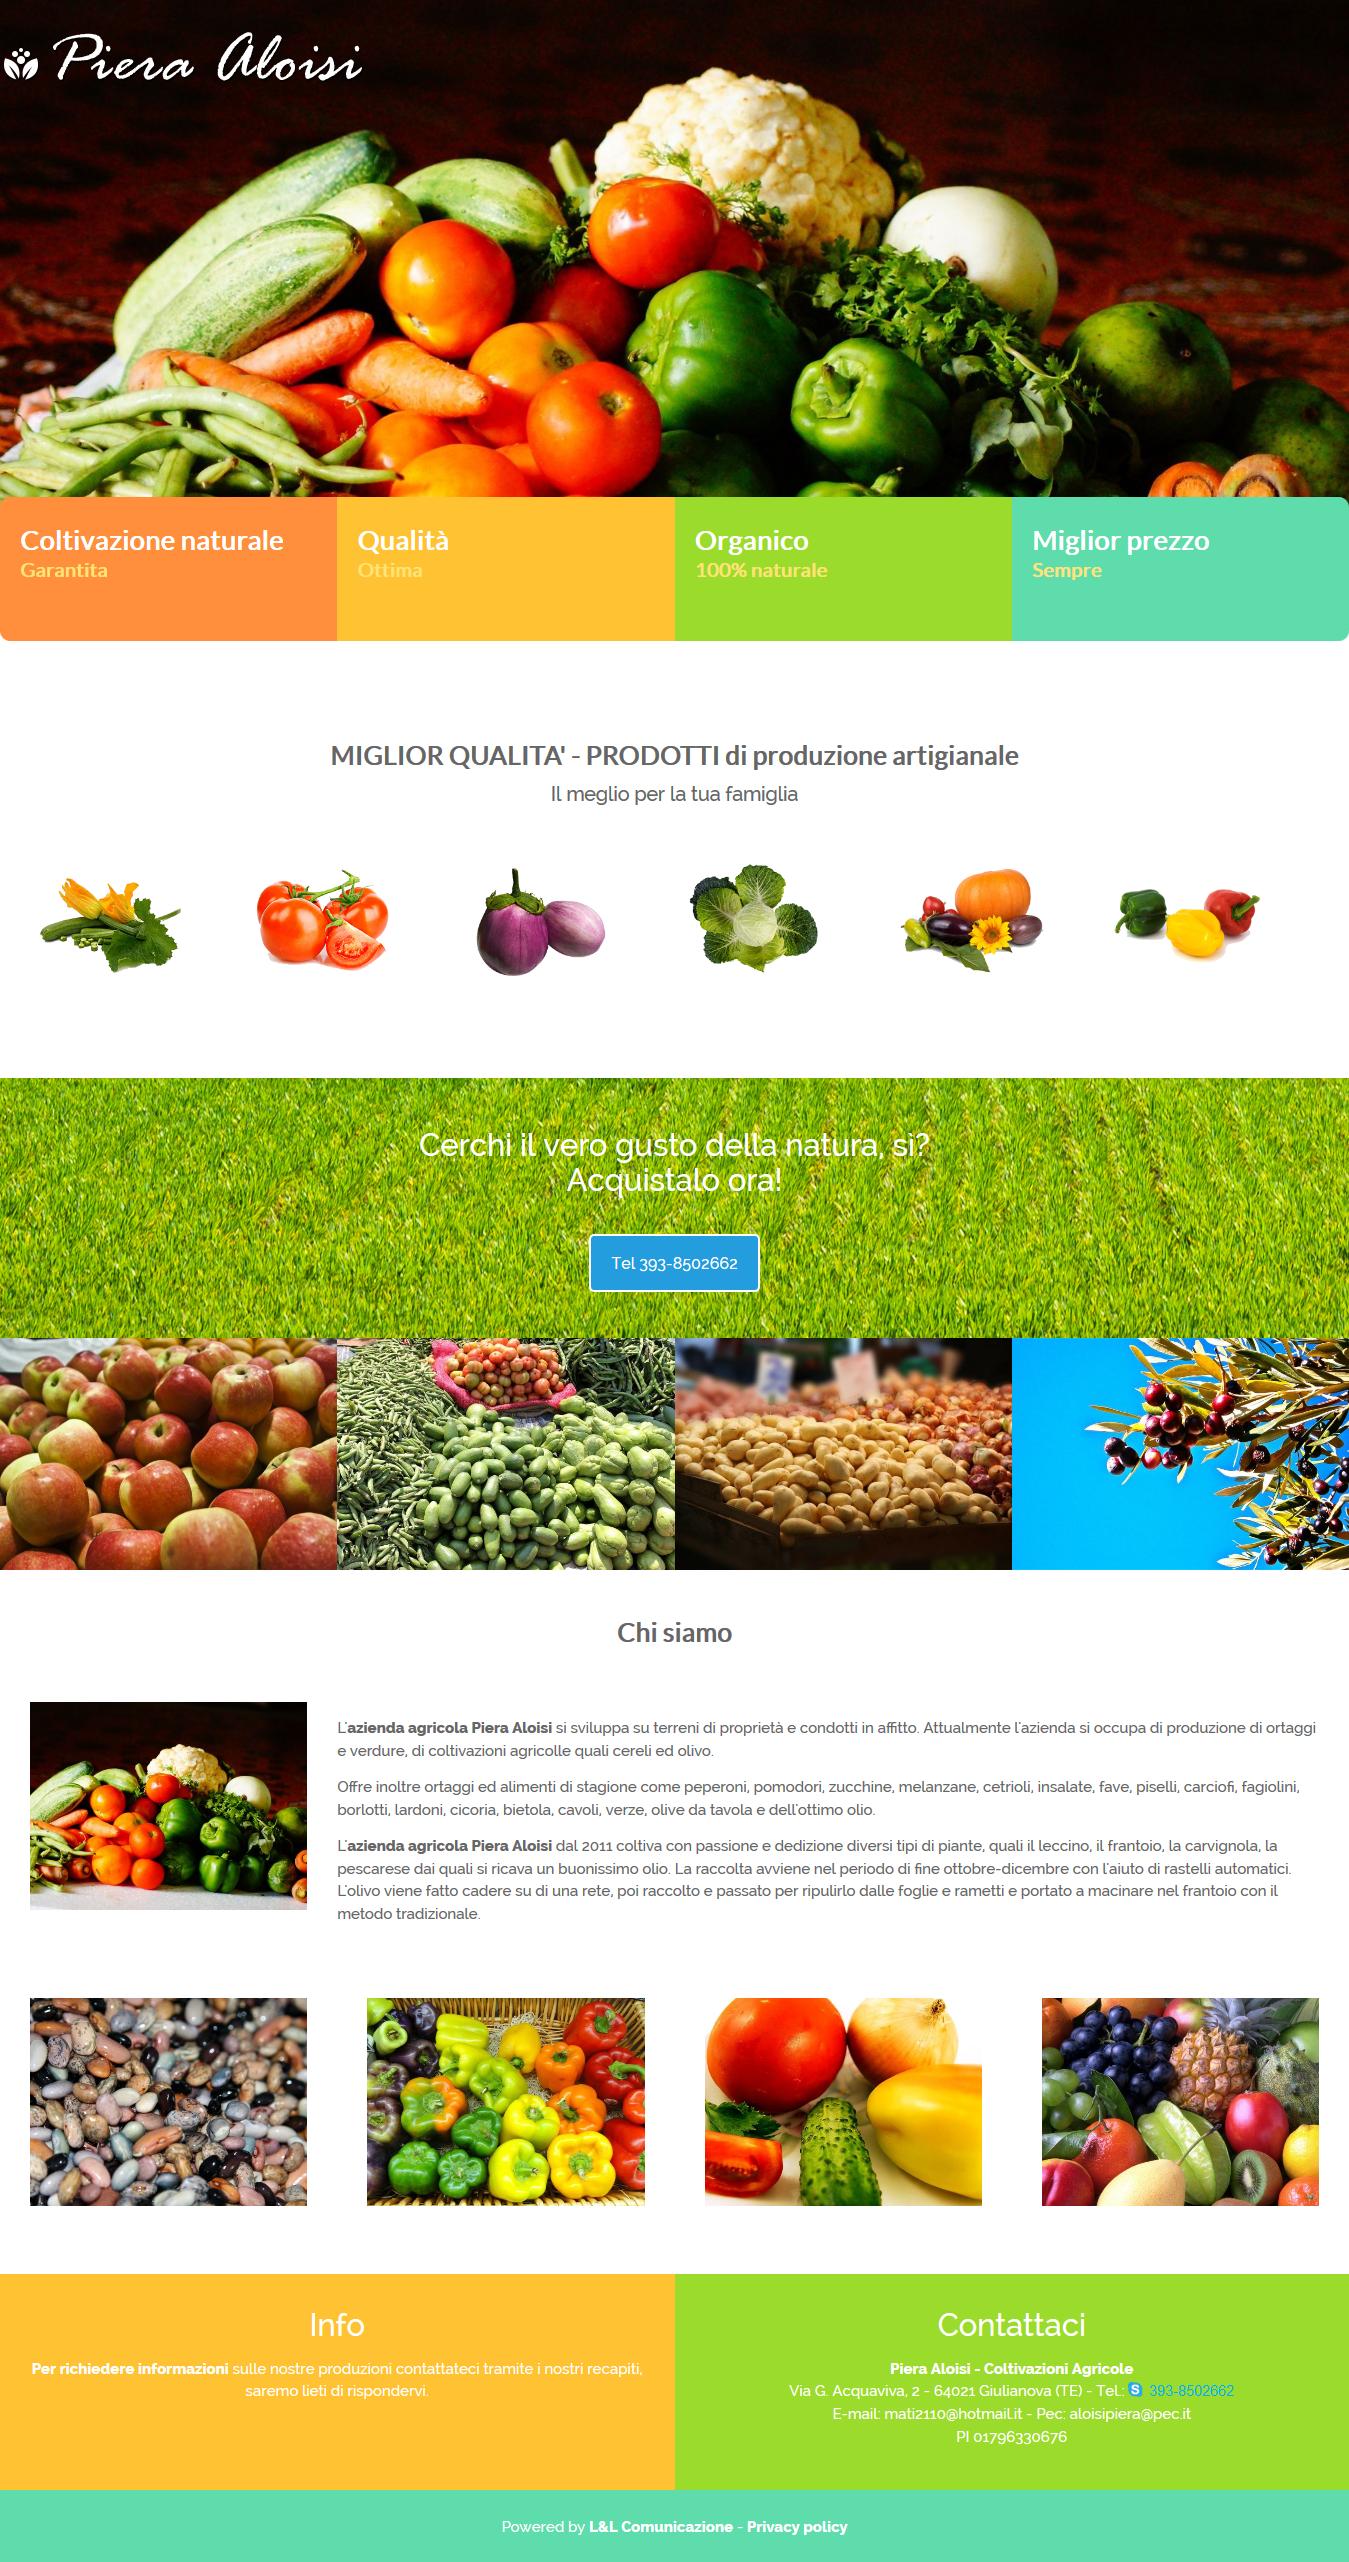 Realizzazione siti web Giulianova - Azienda Agricola Piera Aloisi